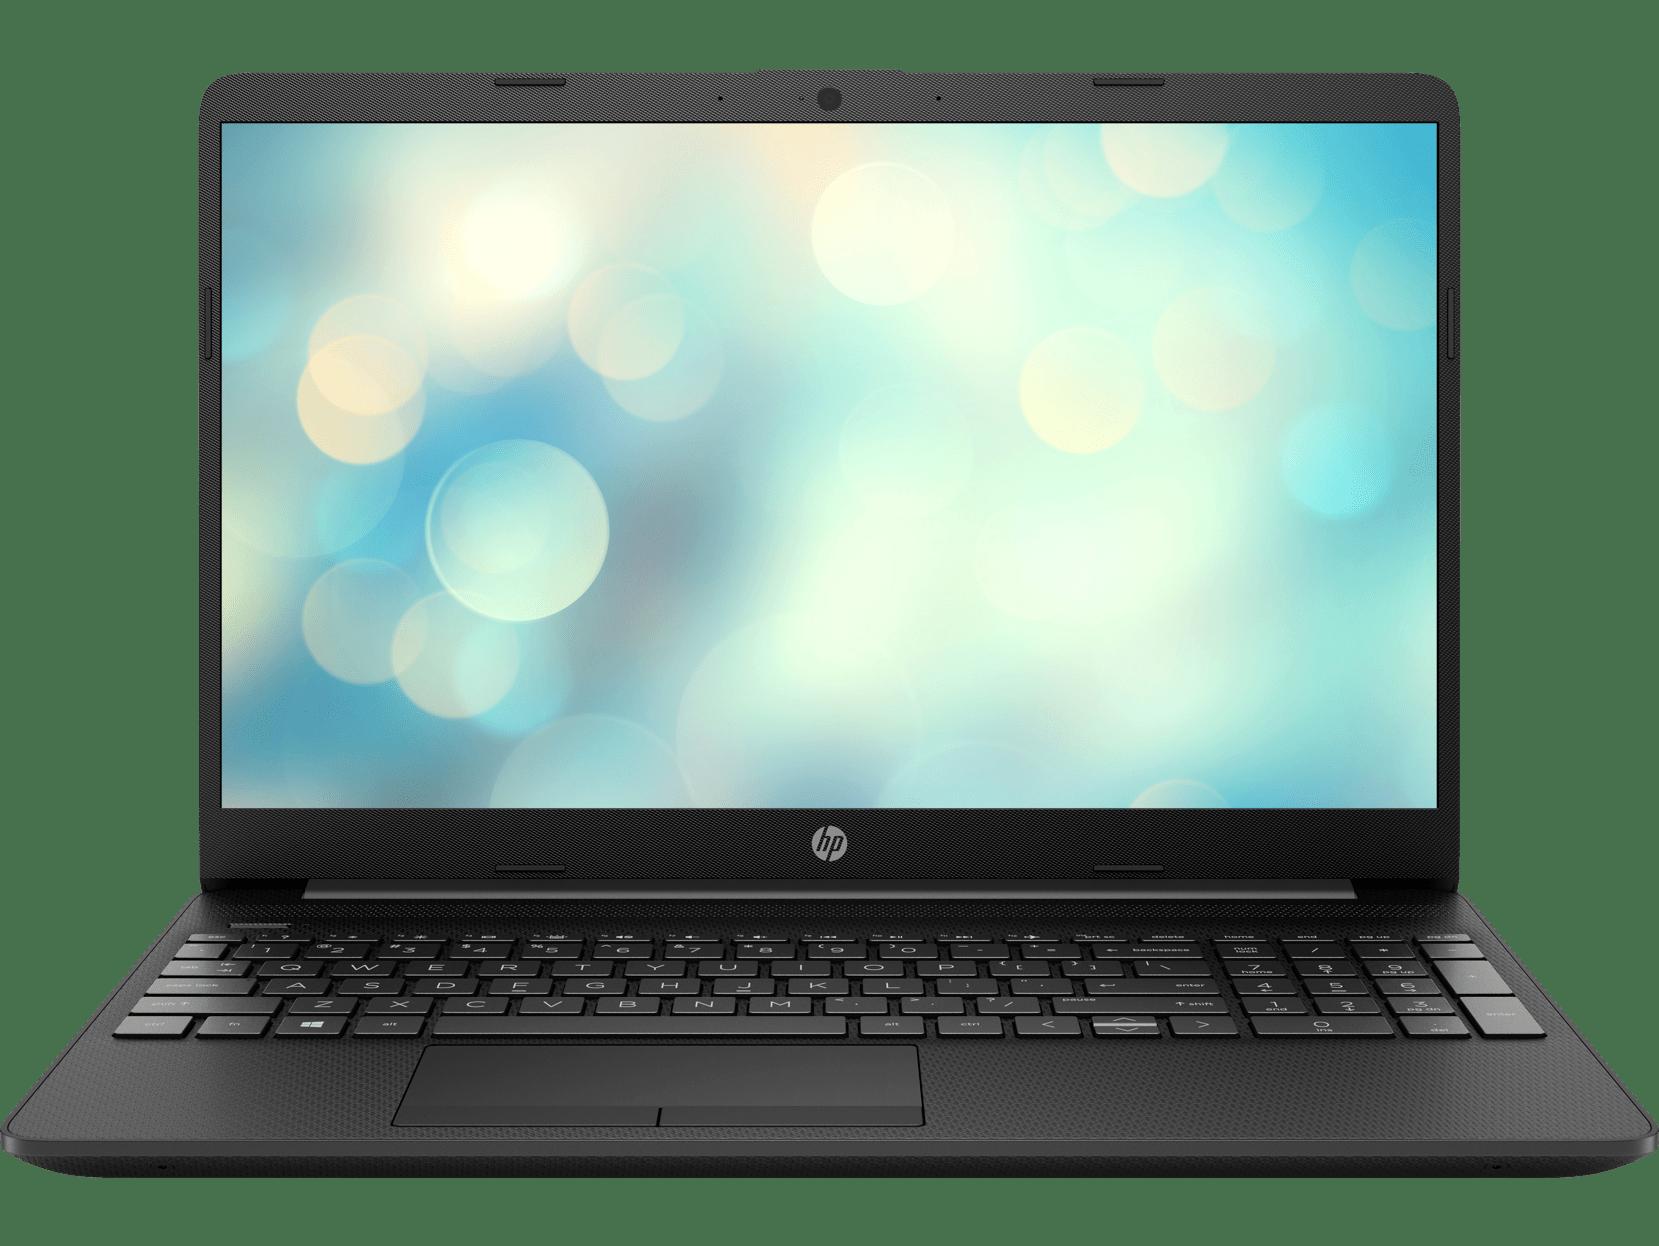 Portatil HP 2048 Core I3 4GB 1TB 15''